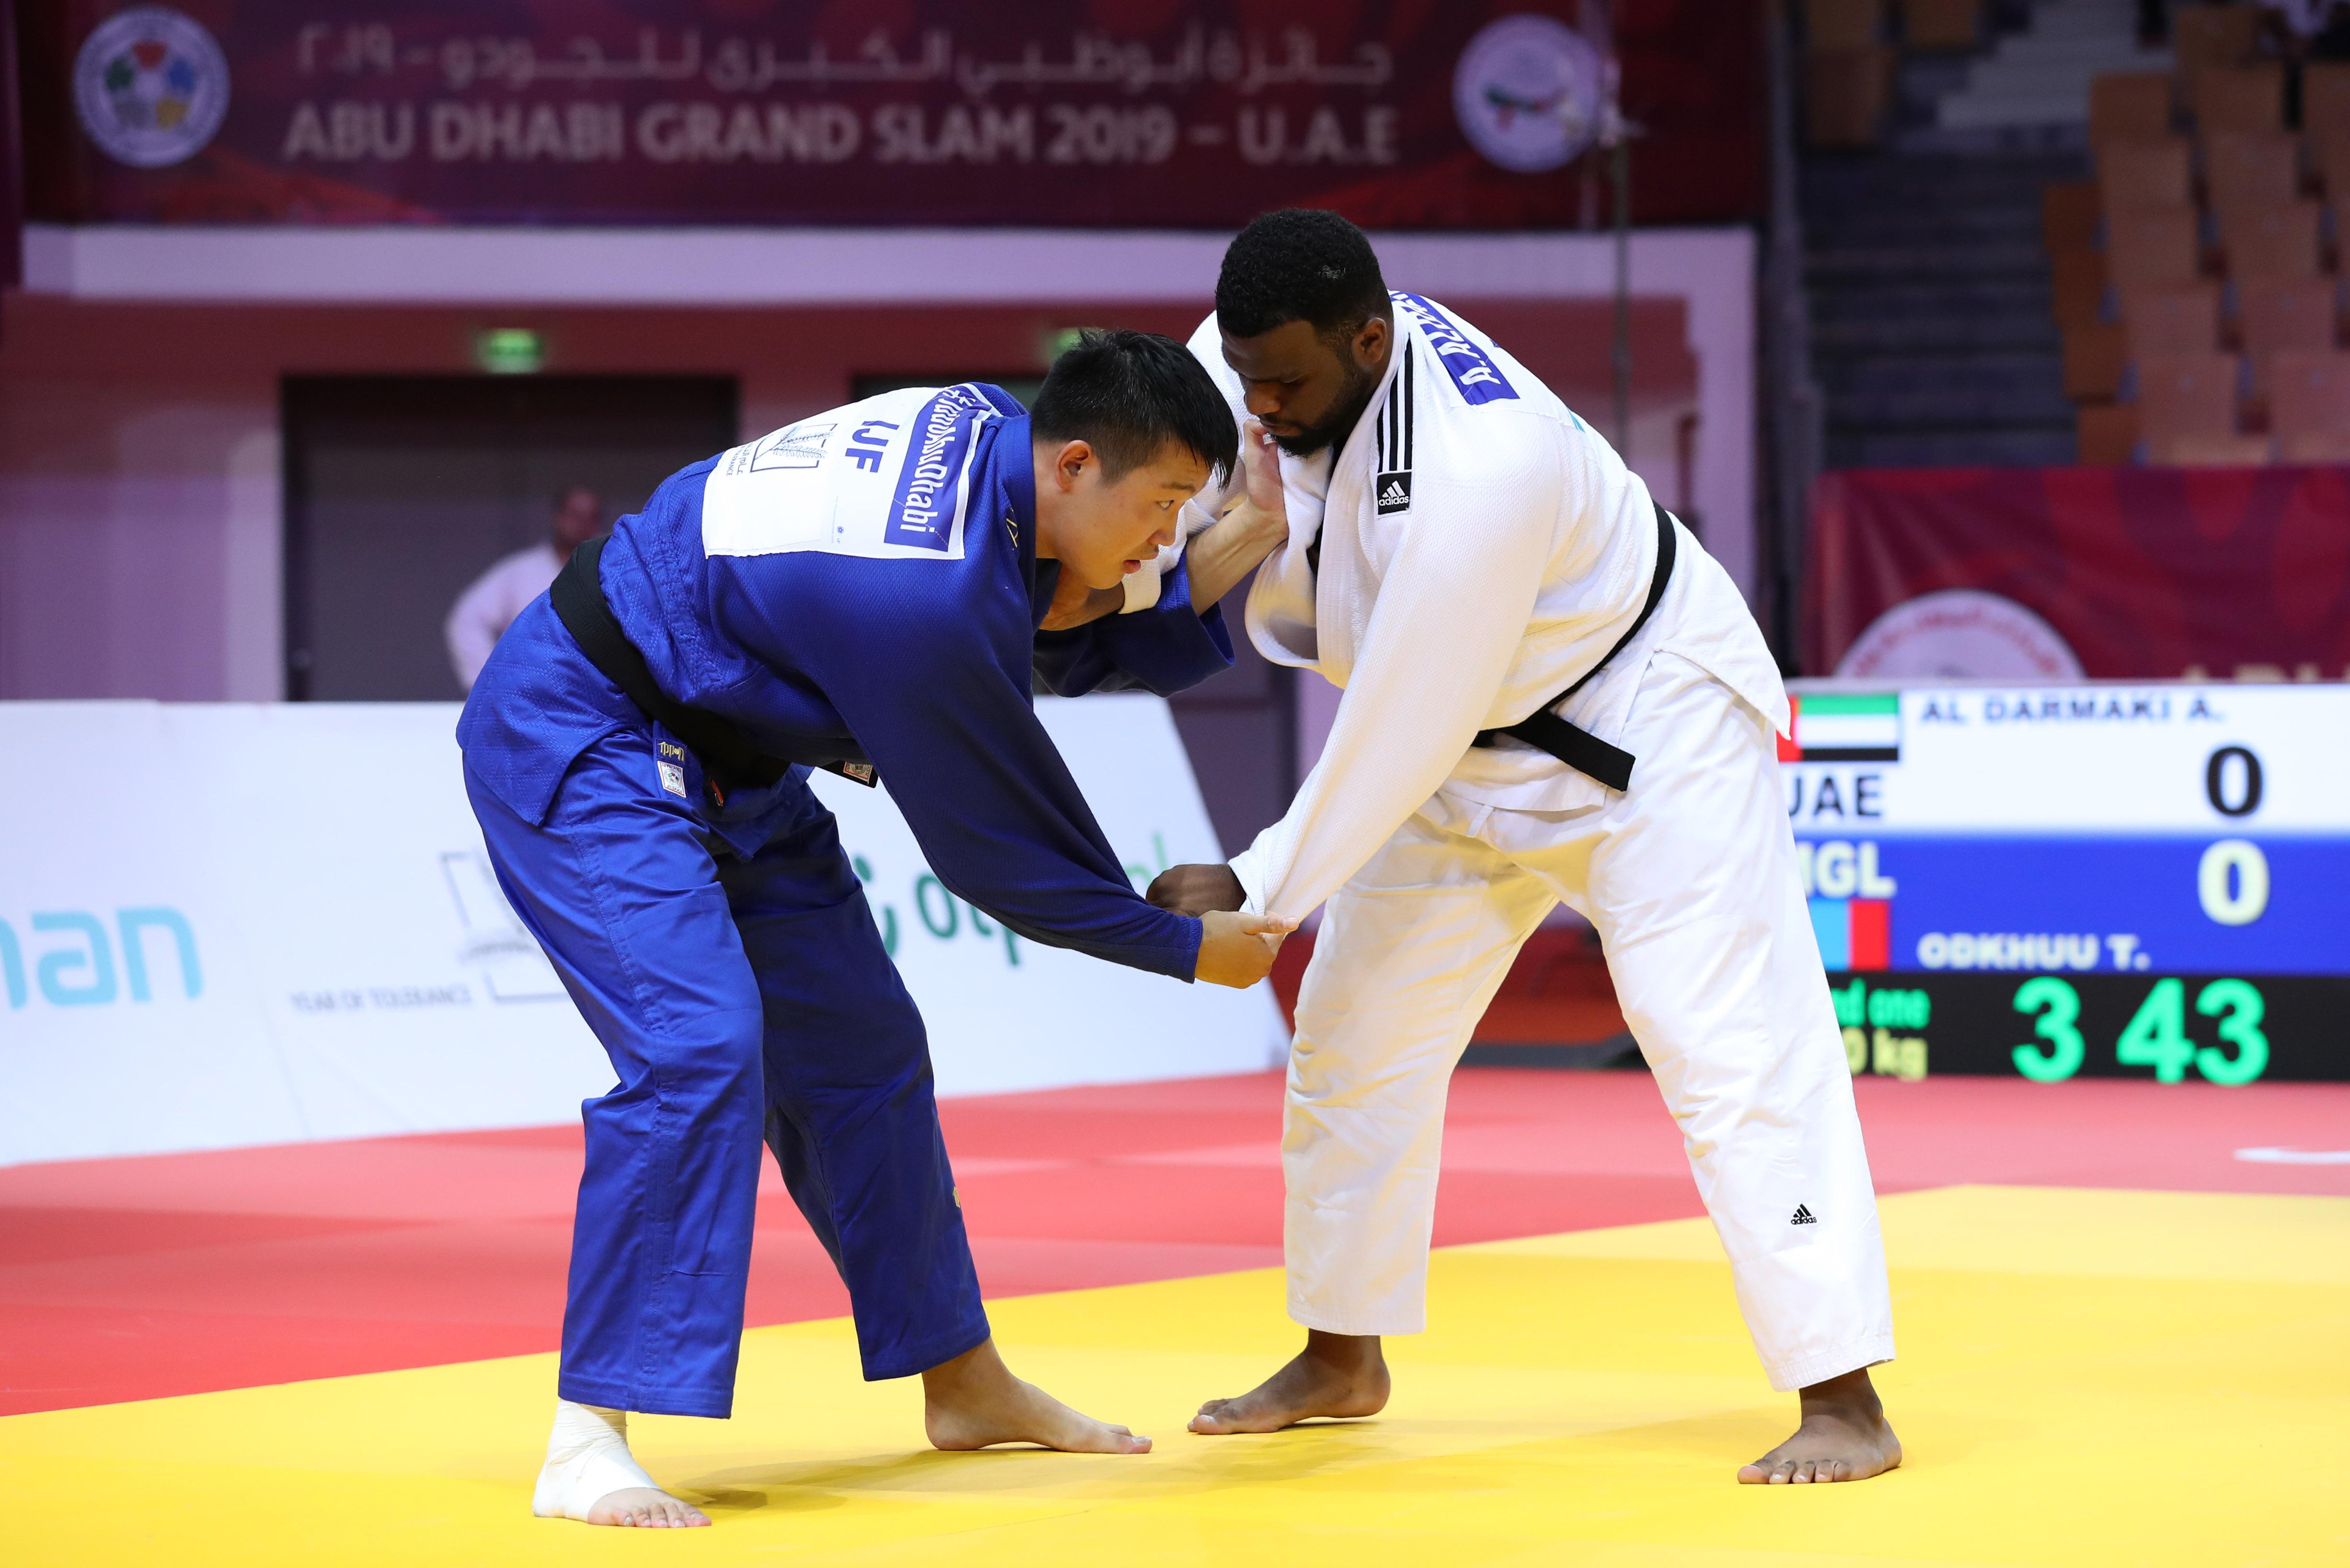 جودو الإمارات يشارك في /ماسترز الدوحة/ استعدادا لأولمبياد طوكيو